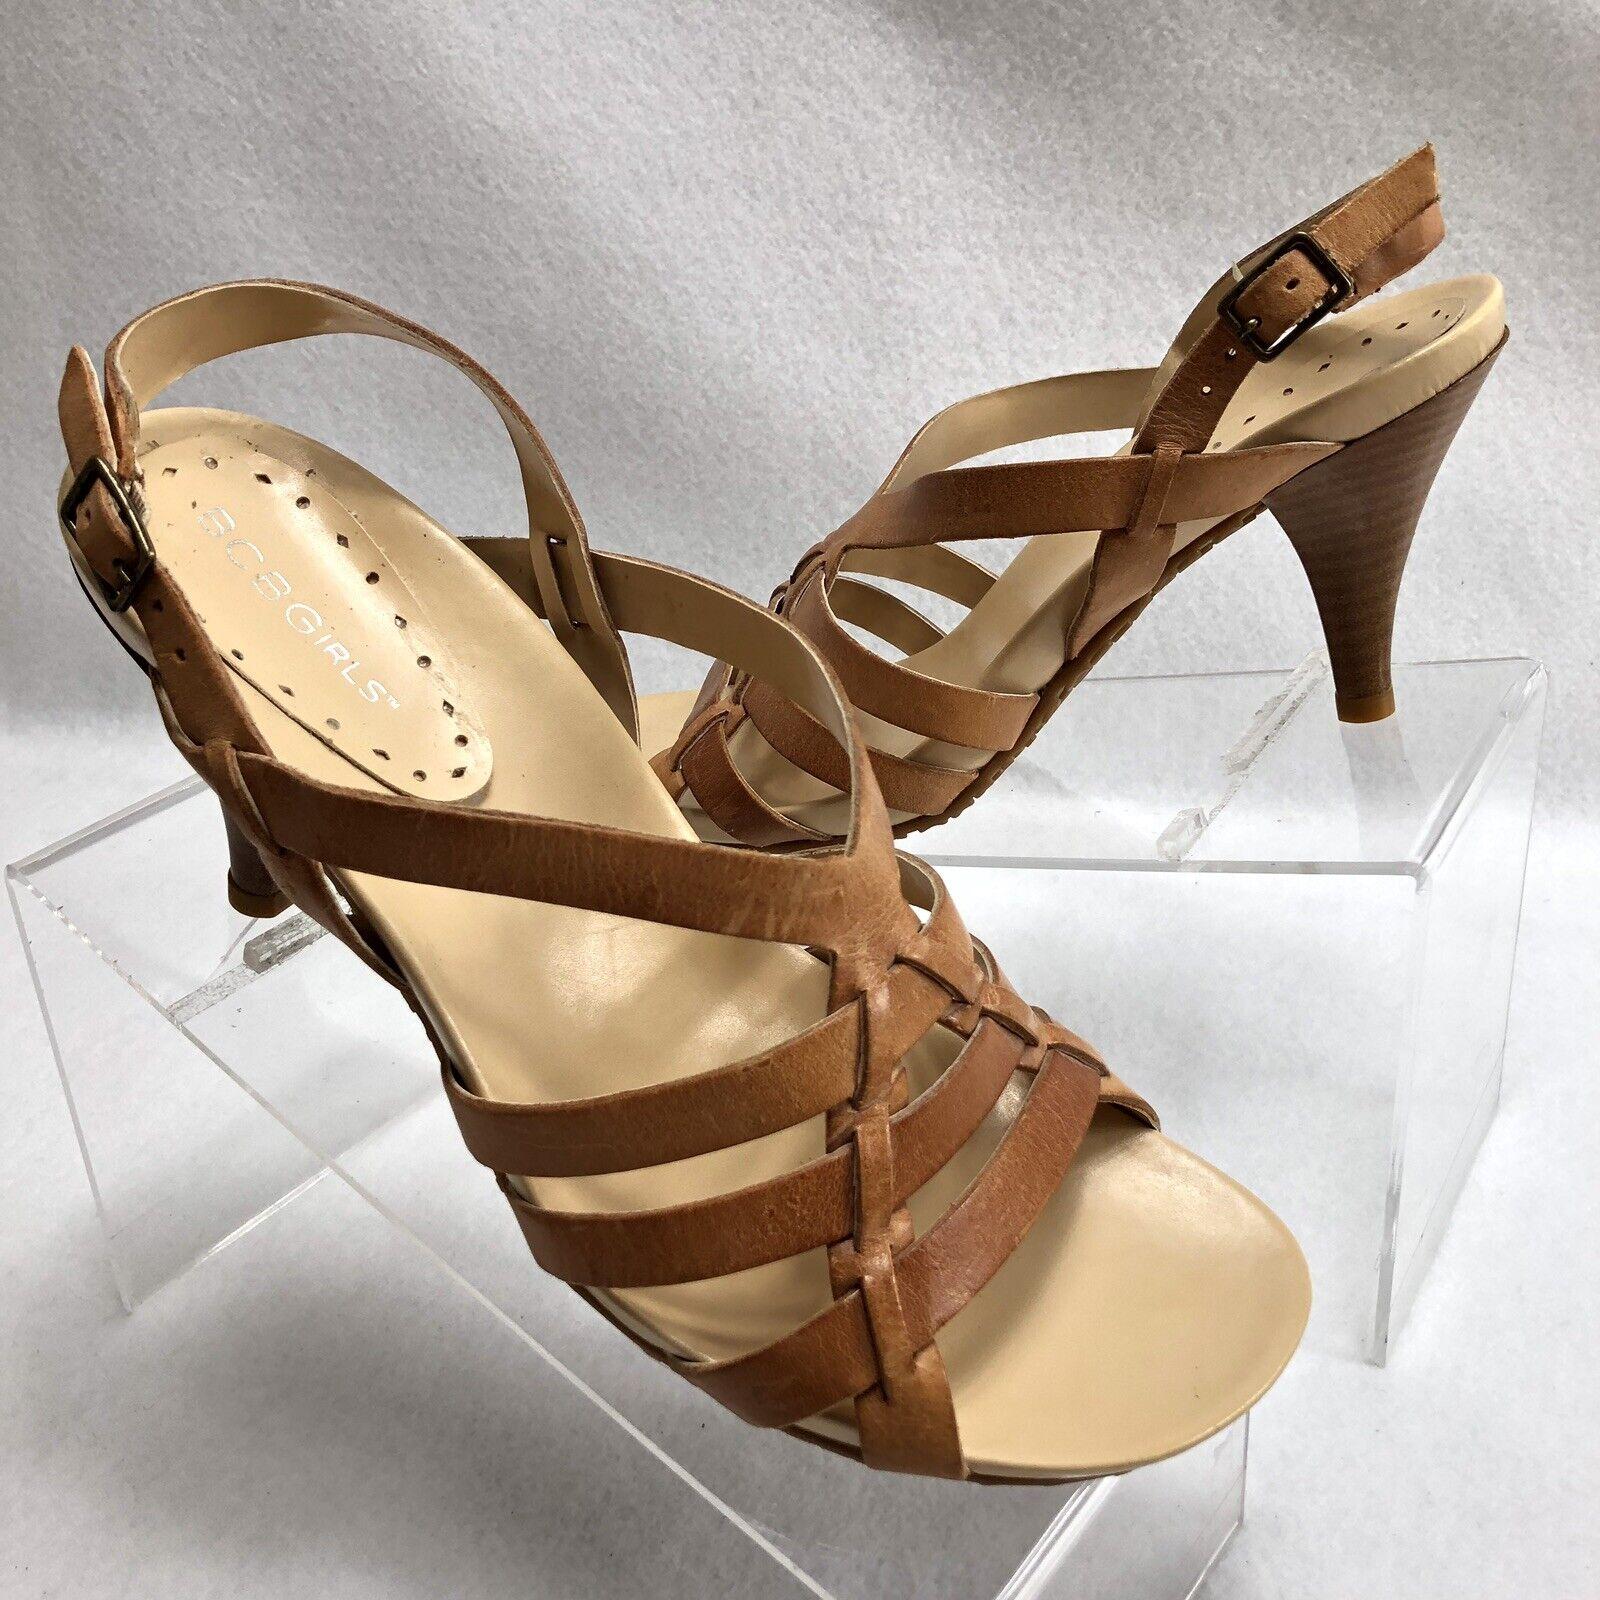 BCBGirls Women's Cognac Leather Sandals Heels Sz 9.5B  Made in Brazil